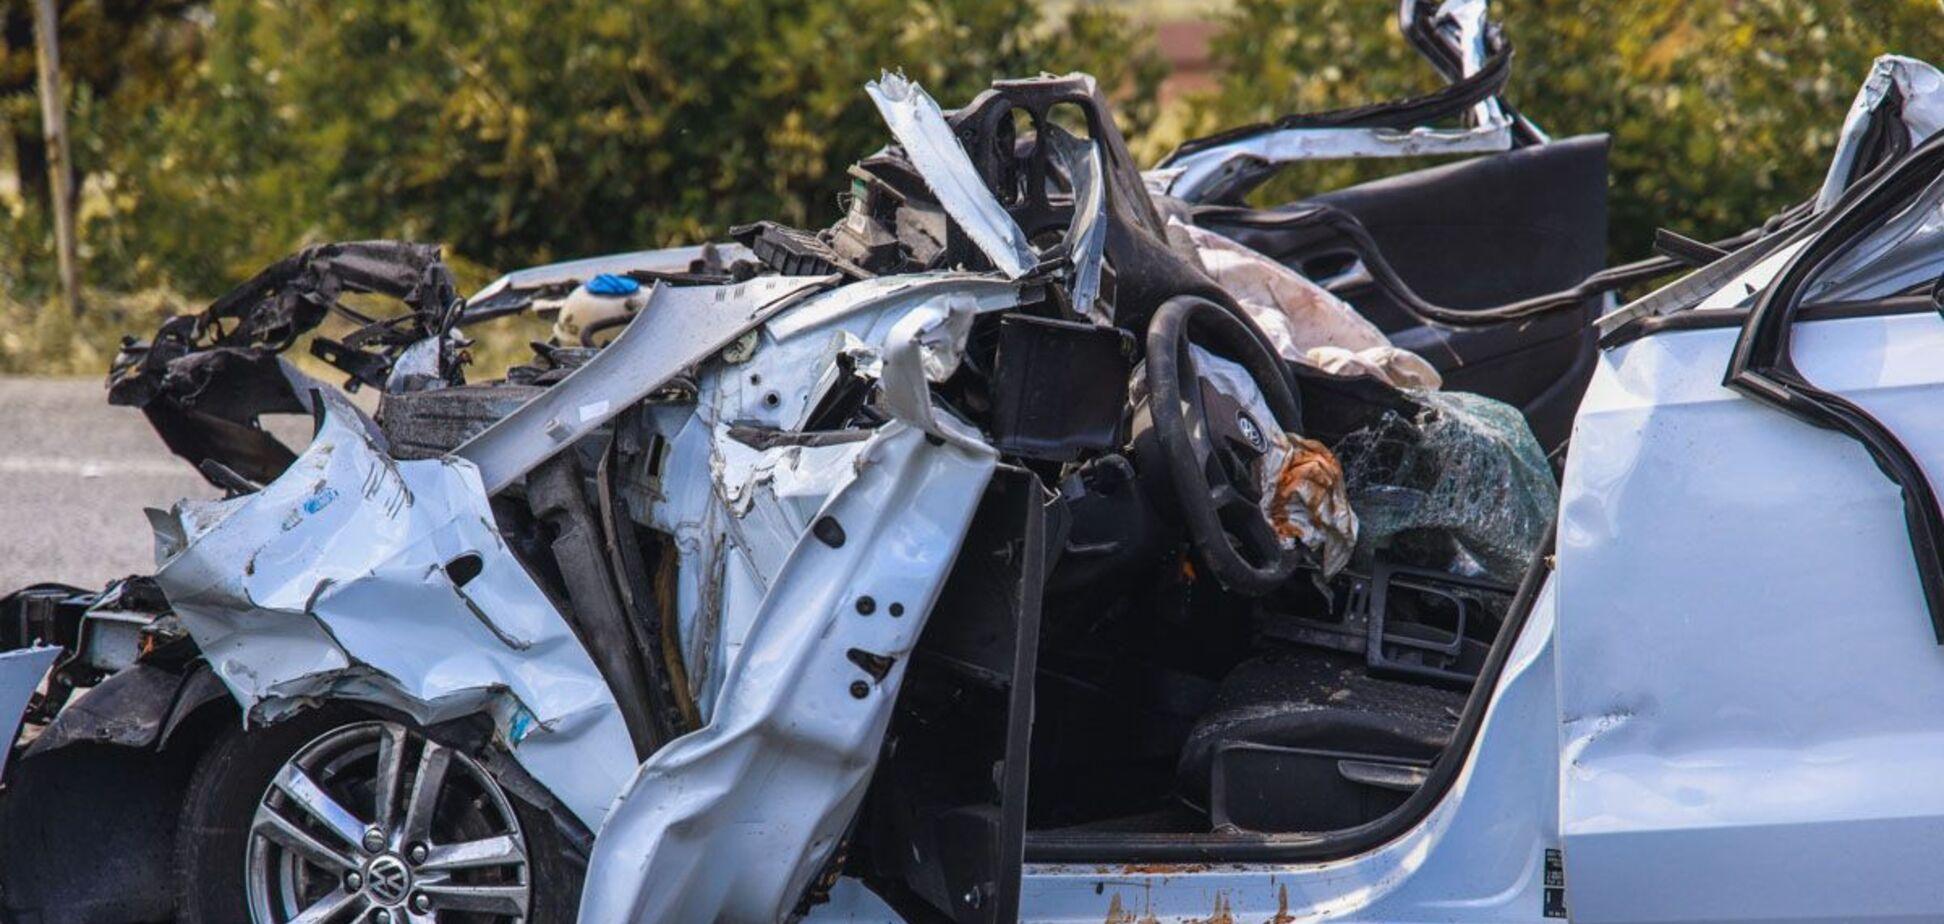 Під Дніпром легковик влетів під фуру: водій загинув на місці. Фото і відео